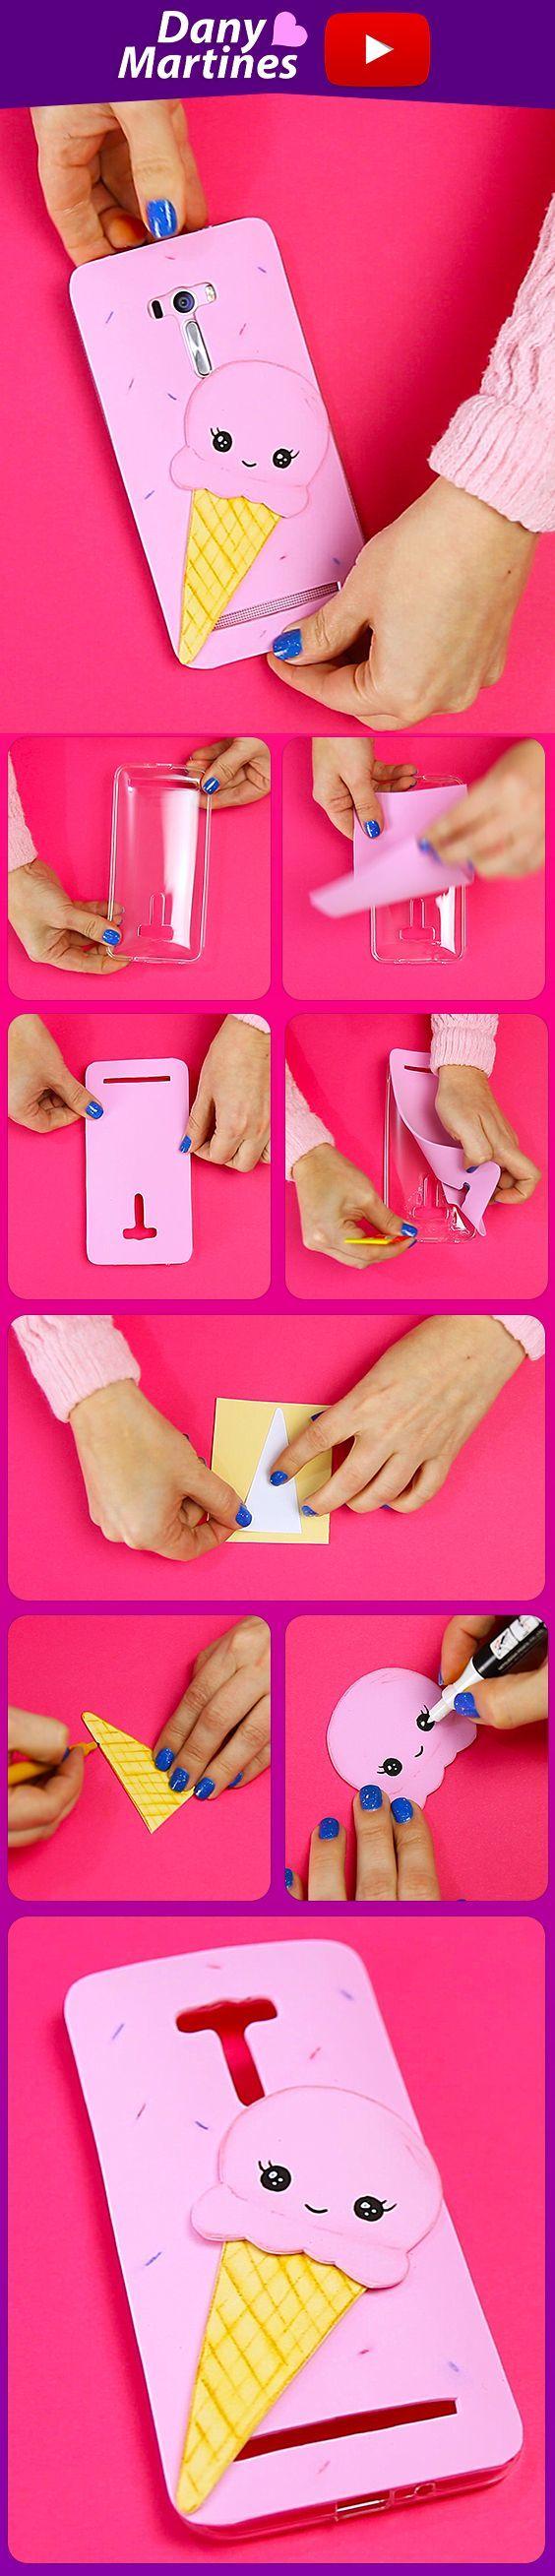 Faça você mesmo uma linda capinha de celular de sorvetinho kawaii, muito fácil e feita com EVA, linda. DIY, do it yourself, Dany Martines